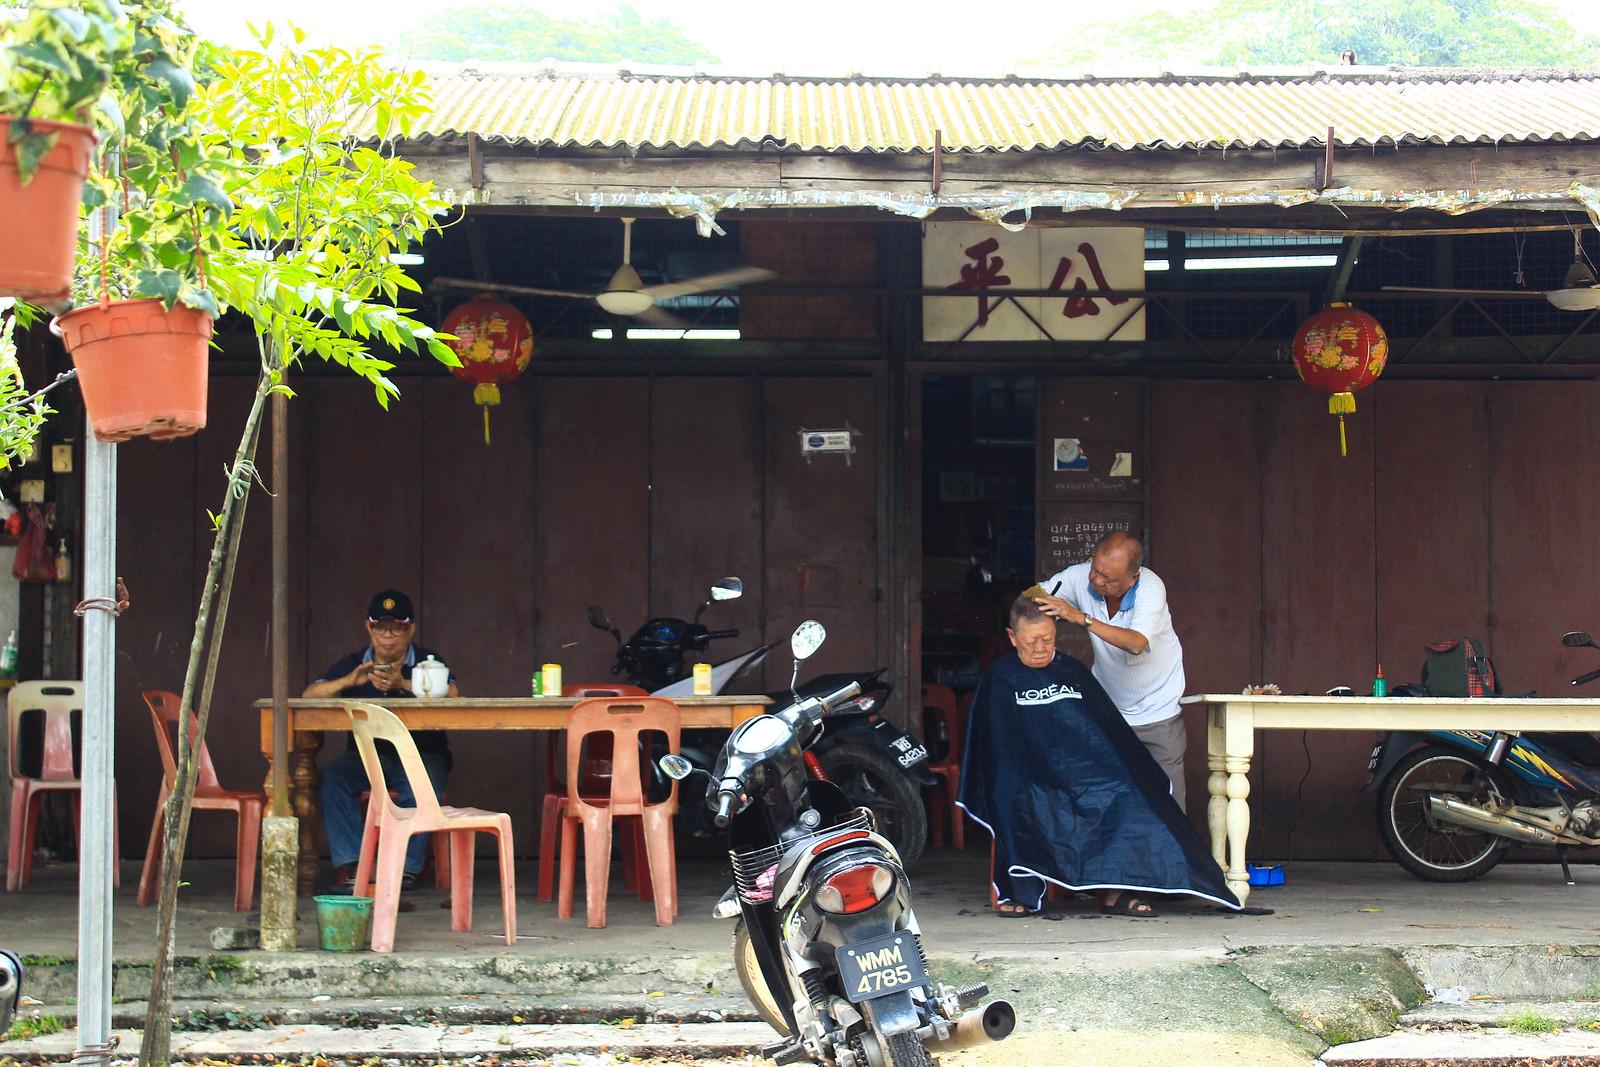 公平咖啡館不只賣咖啡茶水提供社交空間,同時也是院民打理門面的理髮去處。(攝影:何欣潔)